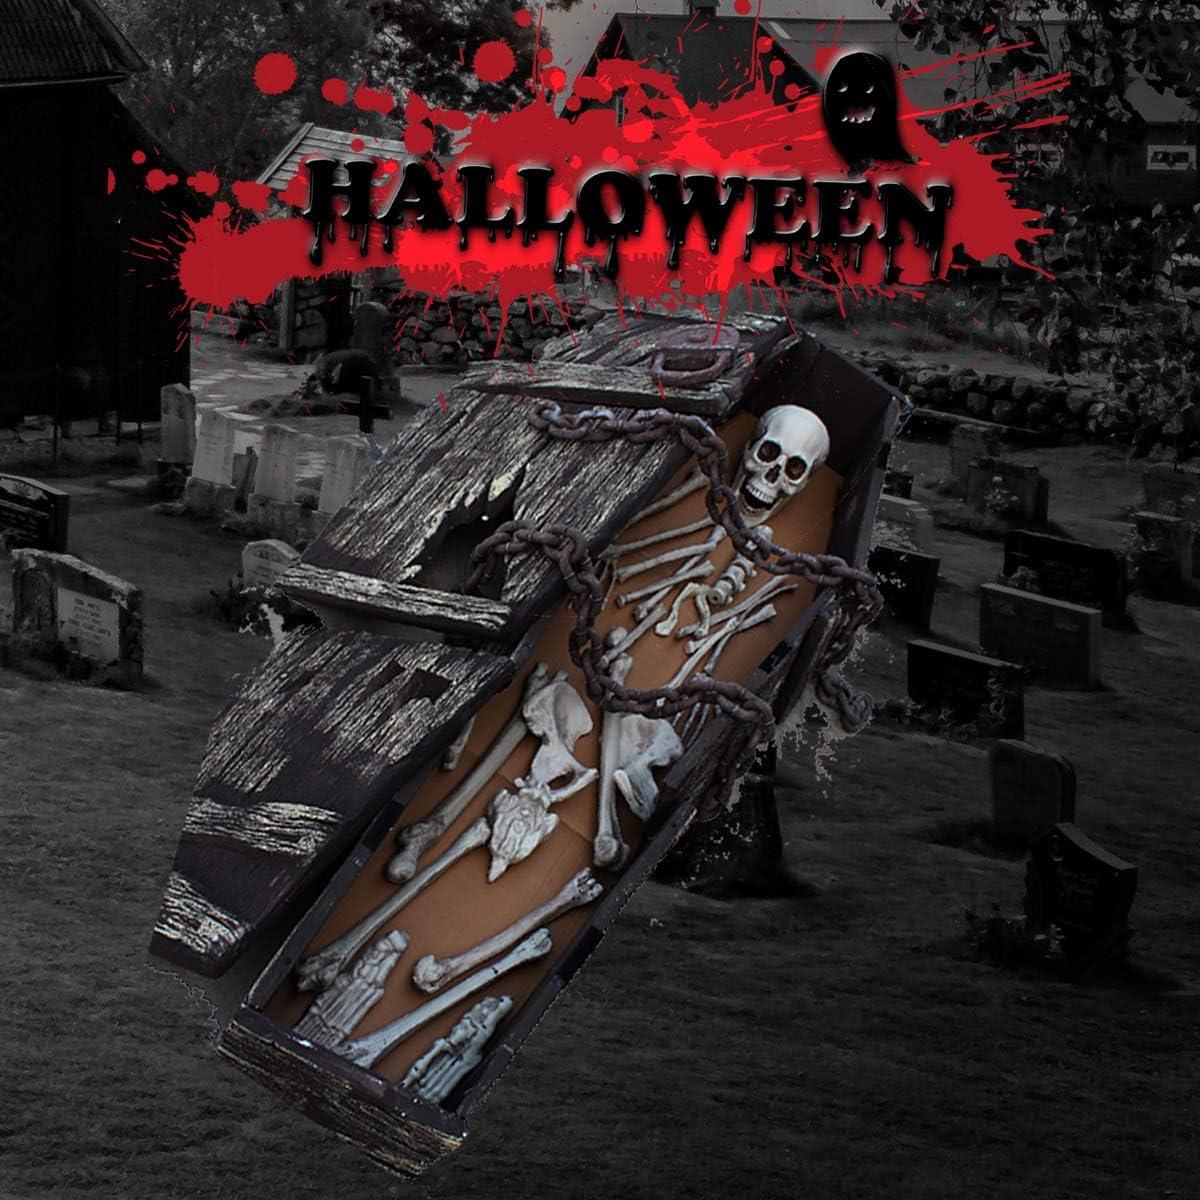 XONOR 28 os de Squelette et cr/âne pour la d/écoration dhalloween ou la d/écoration dun cimeti/ère fantasmagorique